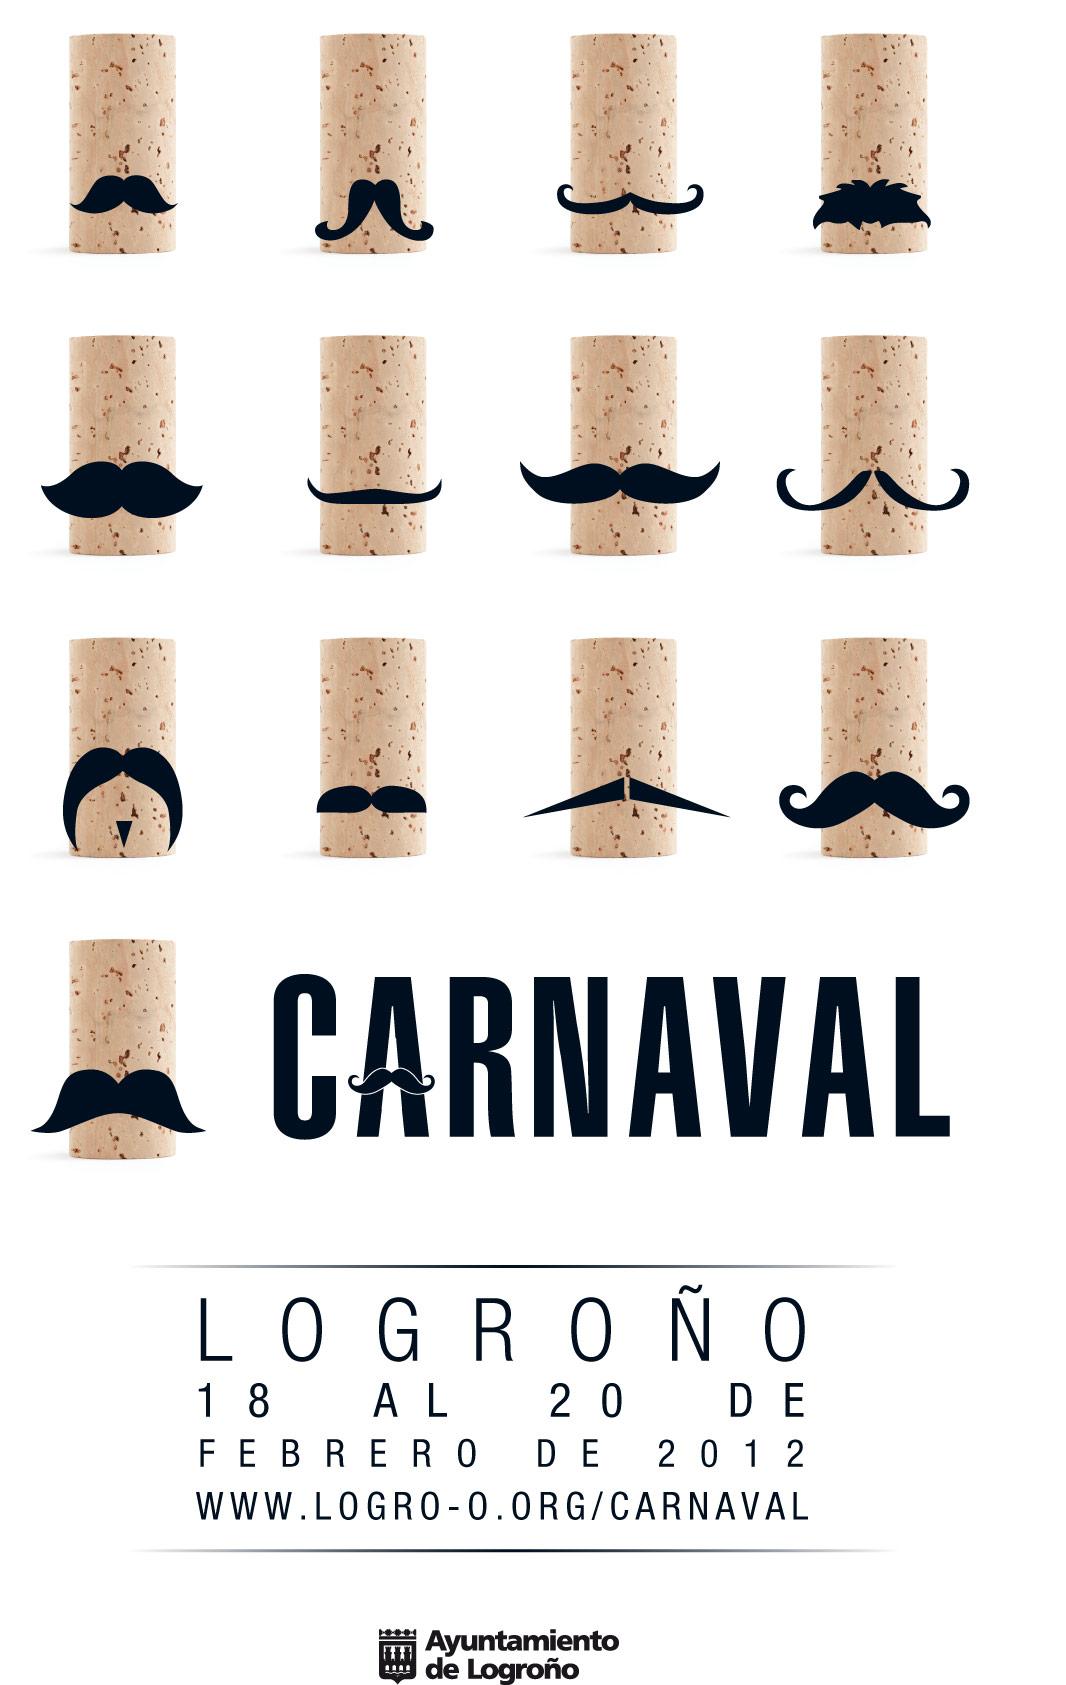 Raquel Díaz Romero y Álvaro Javier Jaimes, autores del cartel ganador del concurso Carnaval 2012